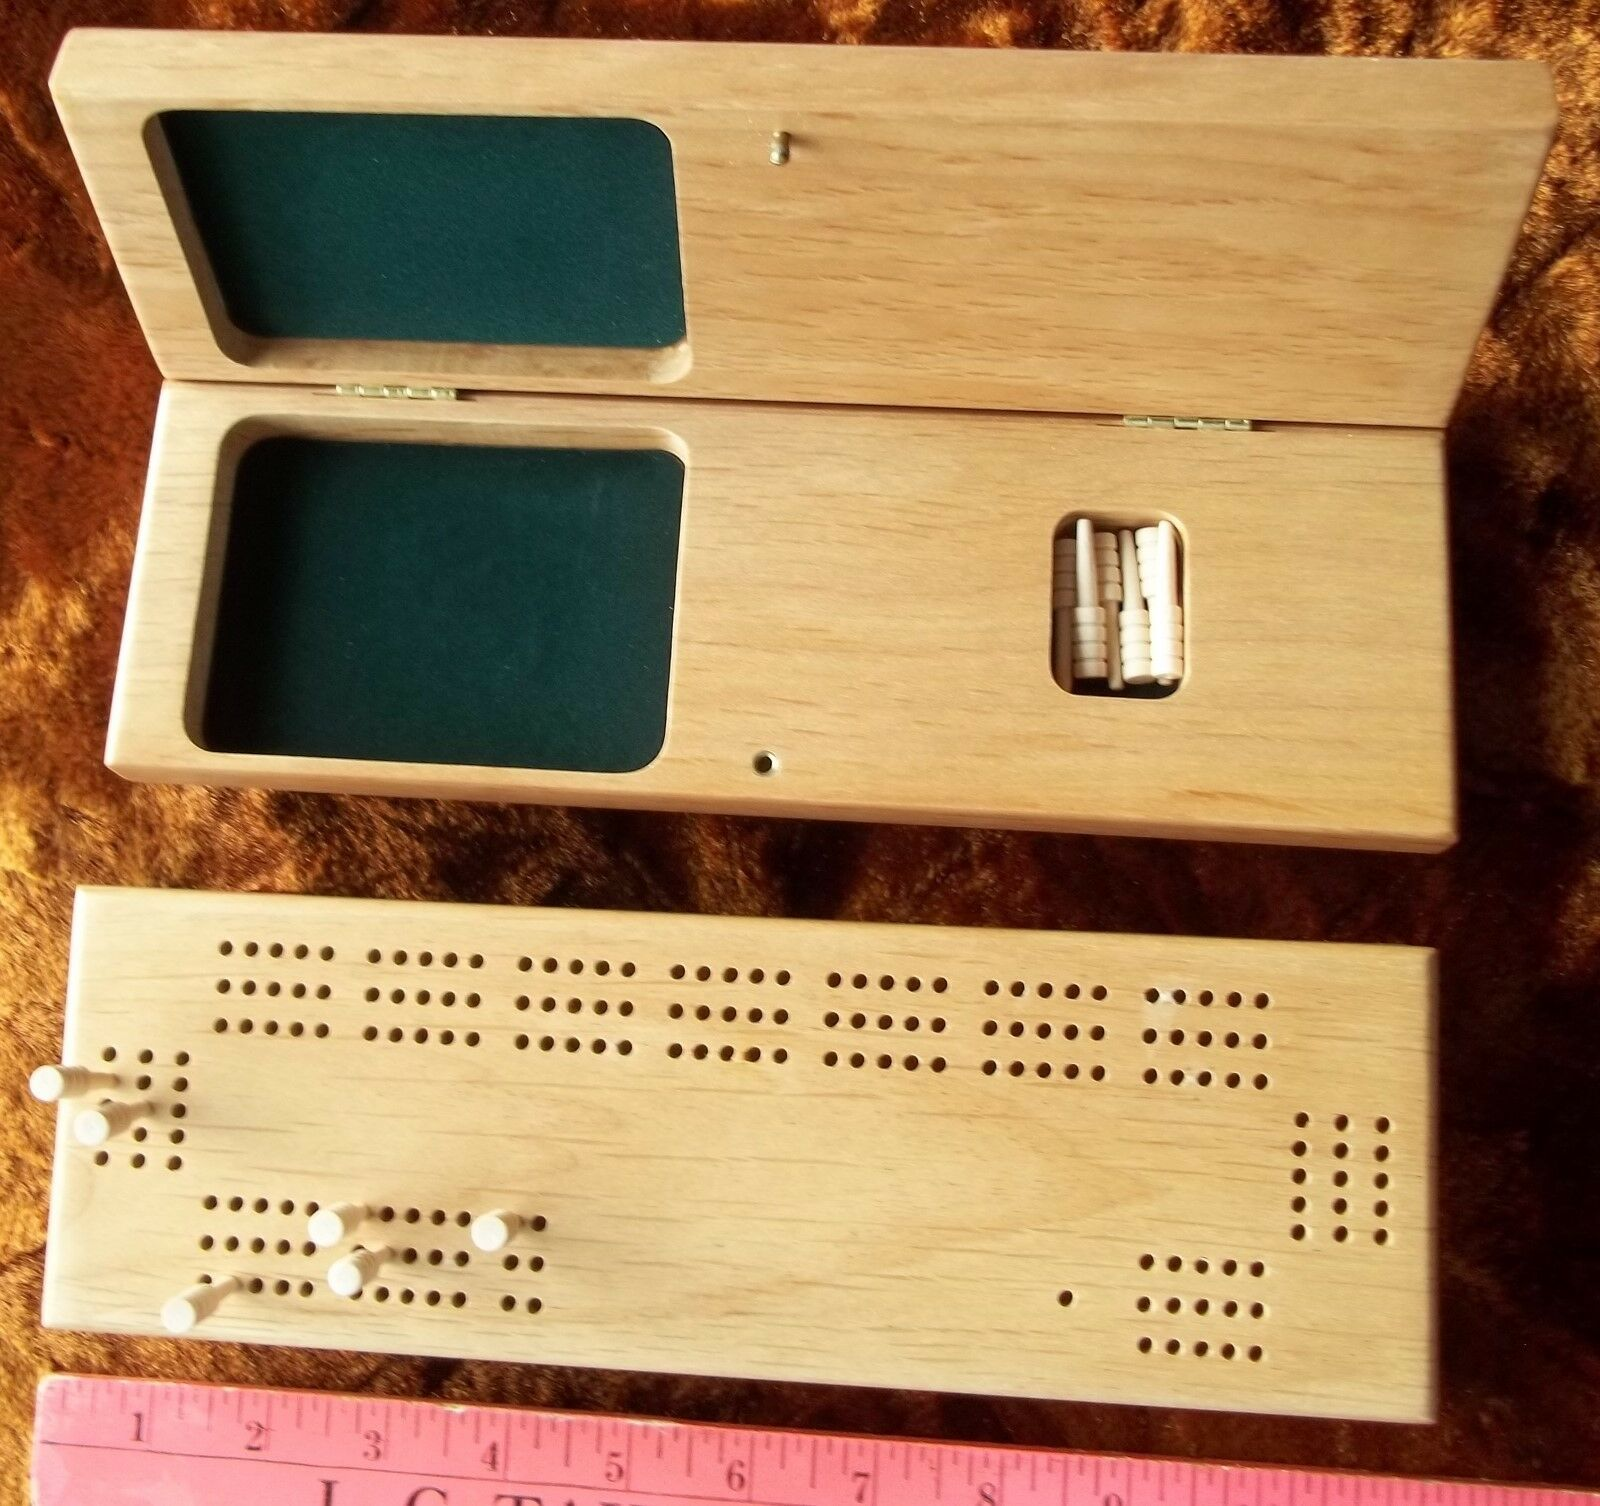 Lote de 15 Placas De Madera Cribbage 3 pistas pistas pistas con clavijas de madera NUEVO  caliente